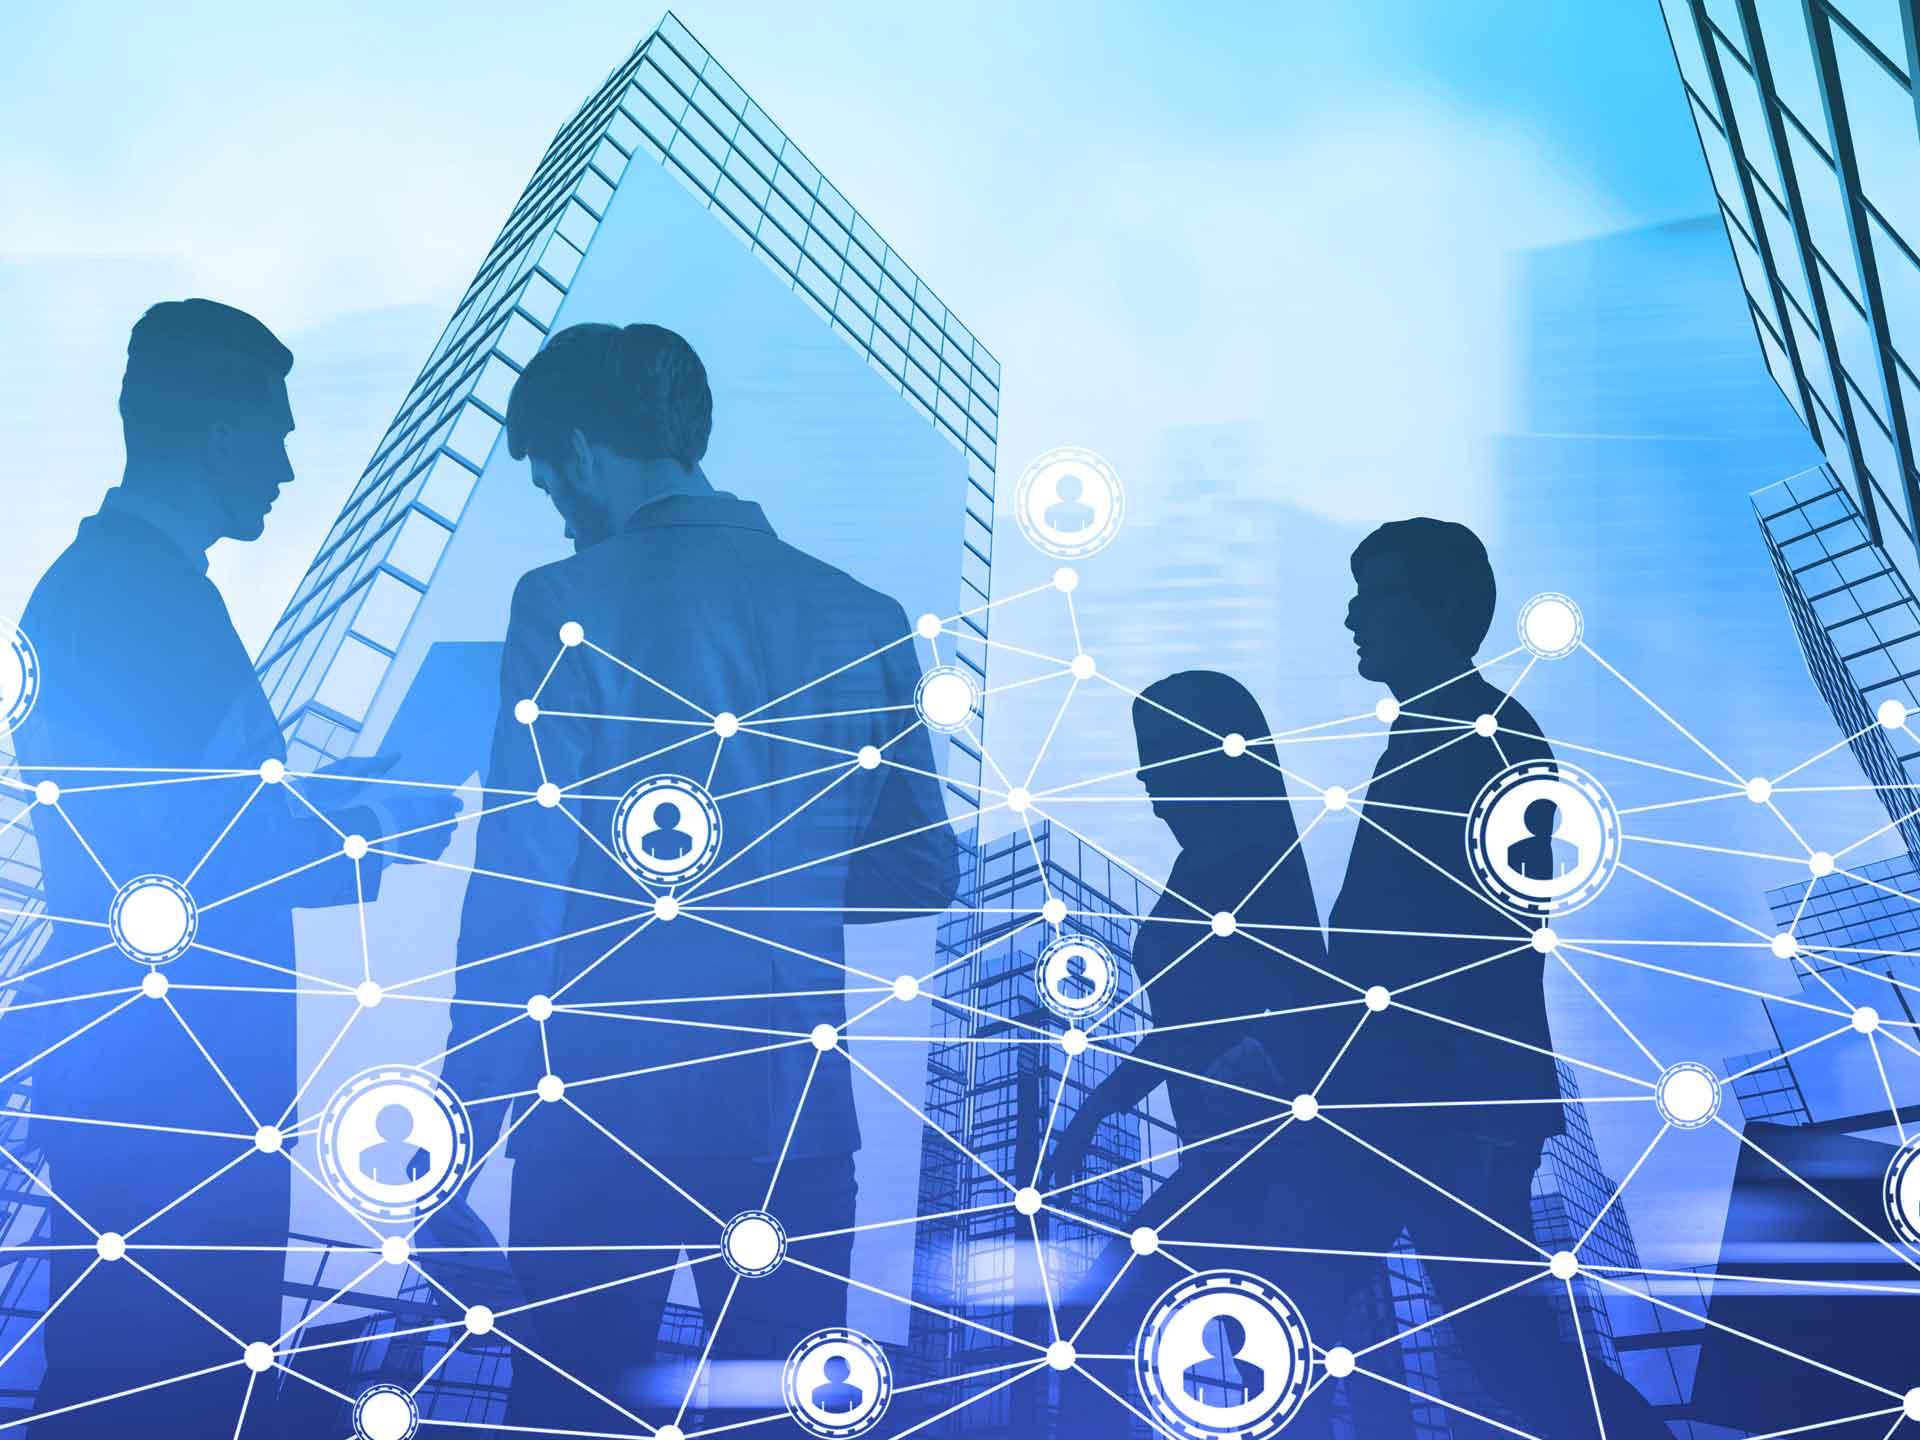 Yammer hilft Ihnen, sich unternehmensweit zu vernetzen und in Kontakt zu bleiben.